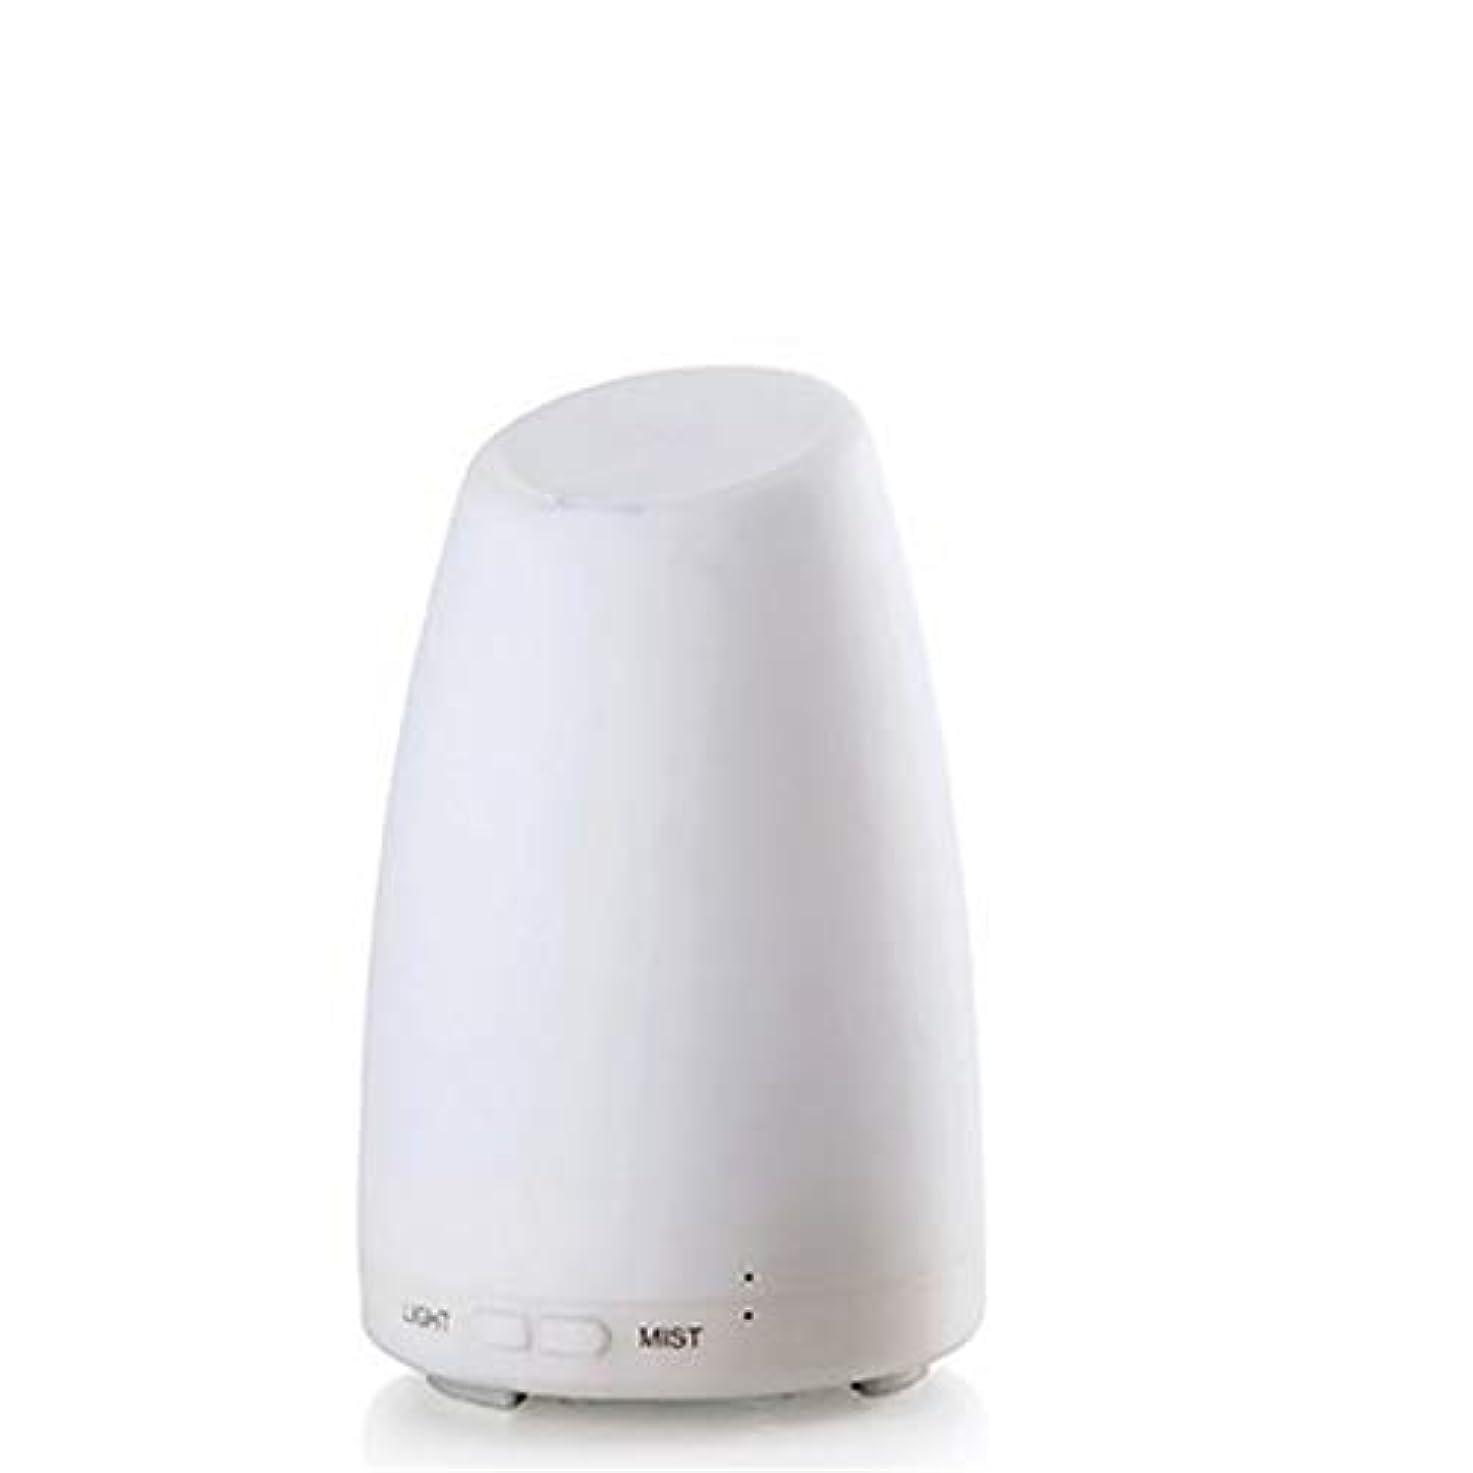 また入手しますいつでもエッセンシャルオイルディフューザー、霧コントロール4h 使用、低水自動シャットダウン、7種類の LED ライト、家庭、オフィス、寝室、家族のベビールームとの超音波 100 ml アロマディフューザー